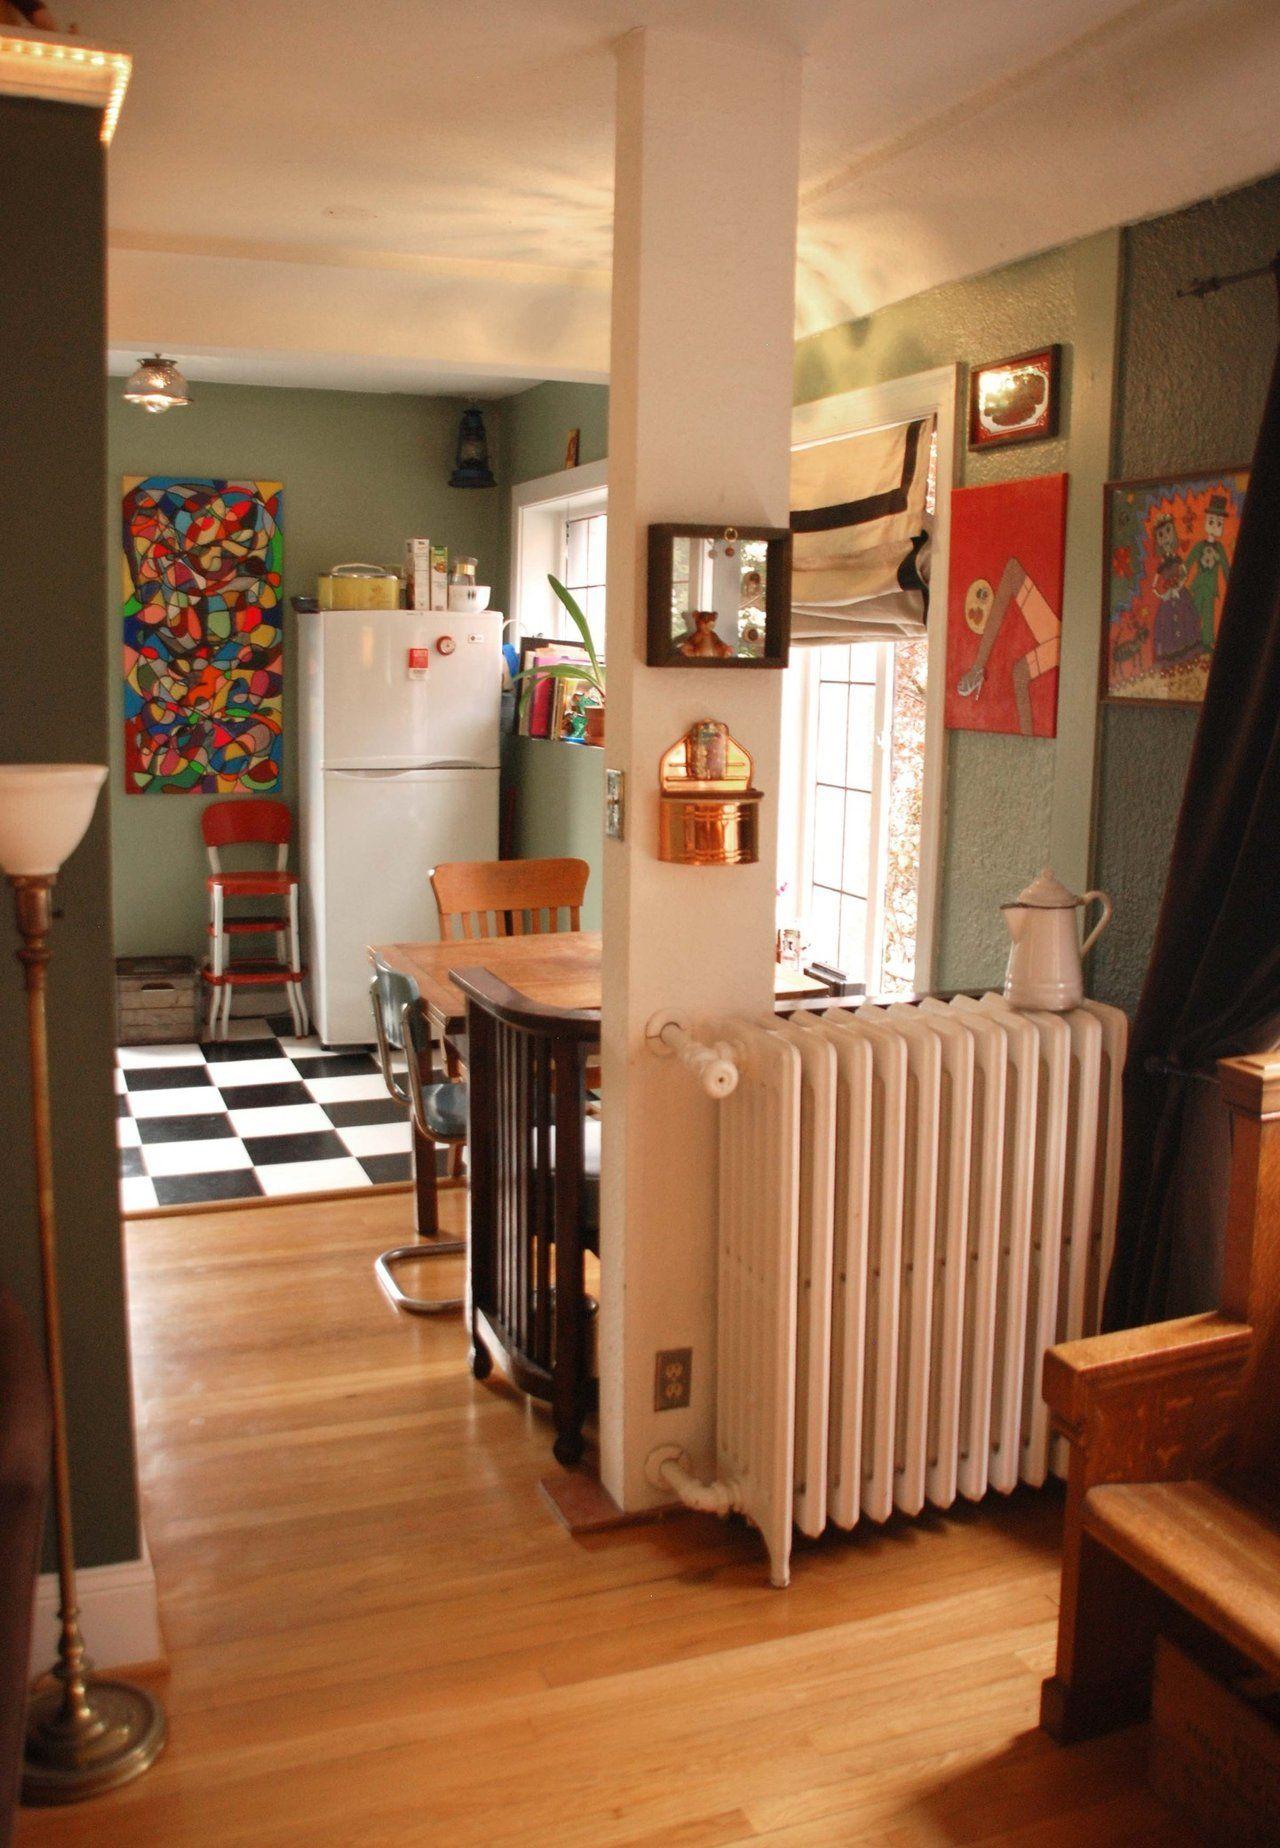 Atractivo La Terapia Apartamento Azulejo Piso De La Cocina ...